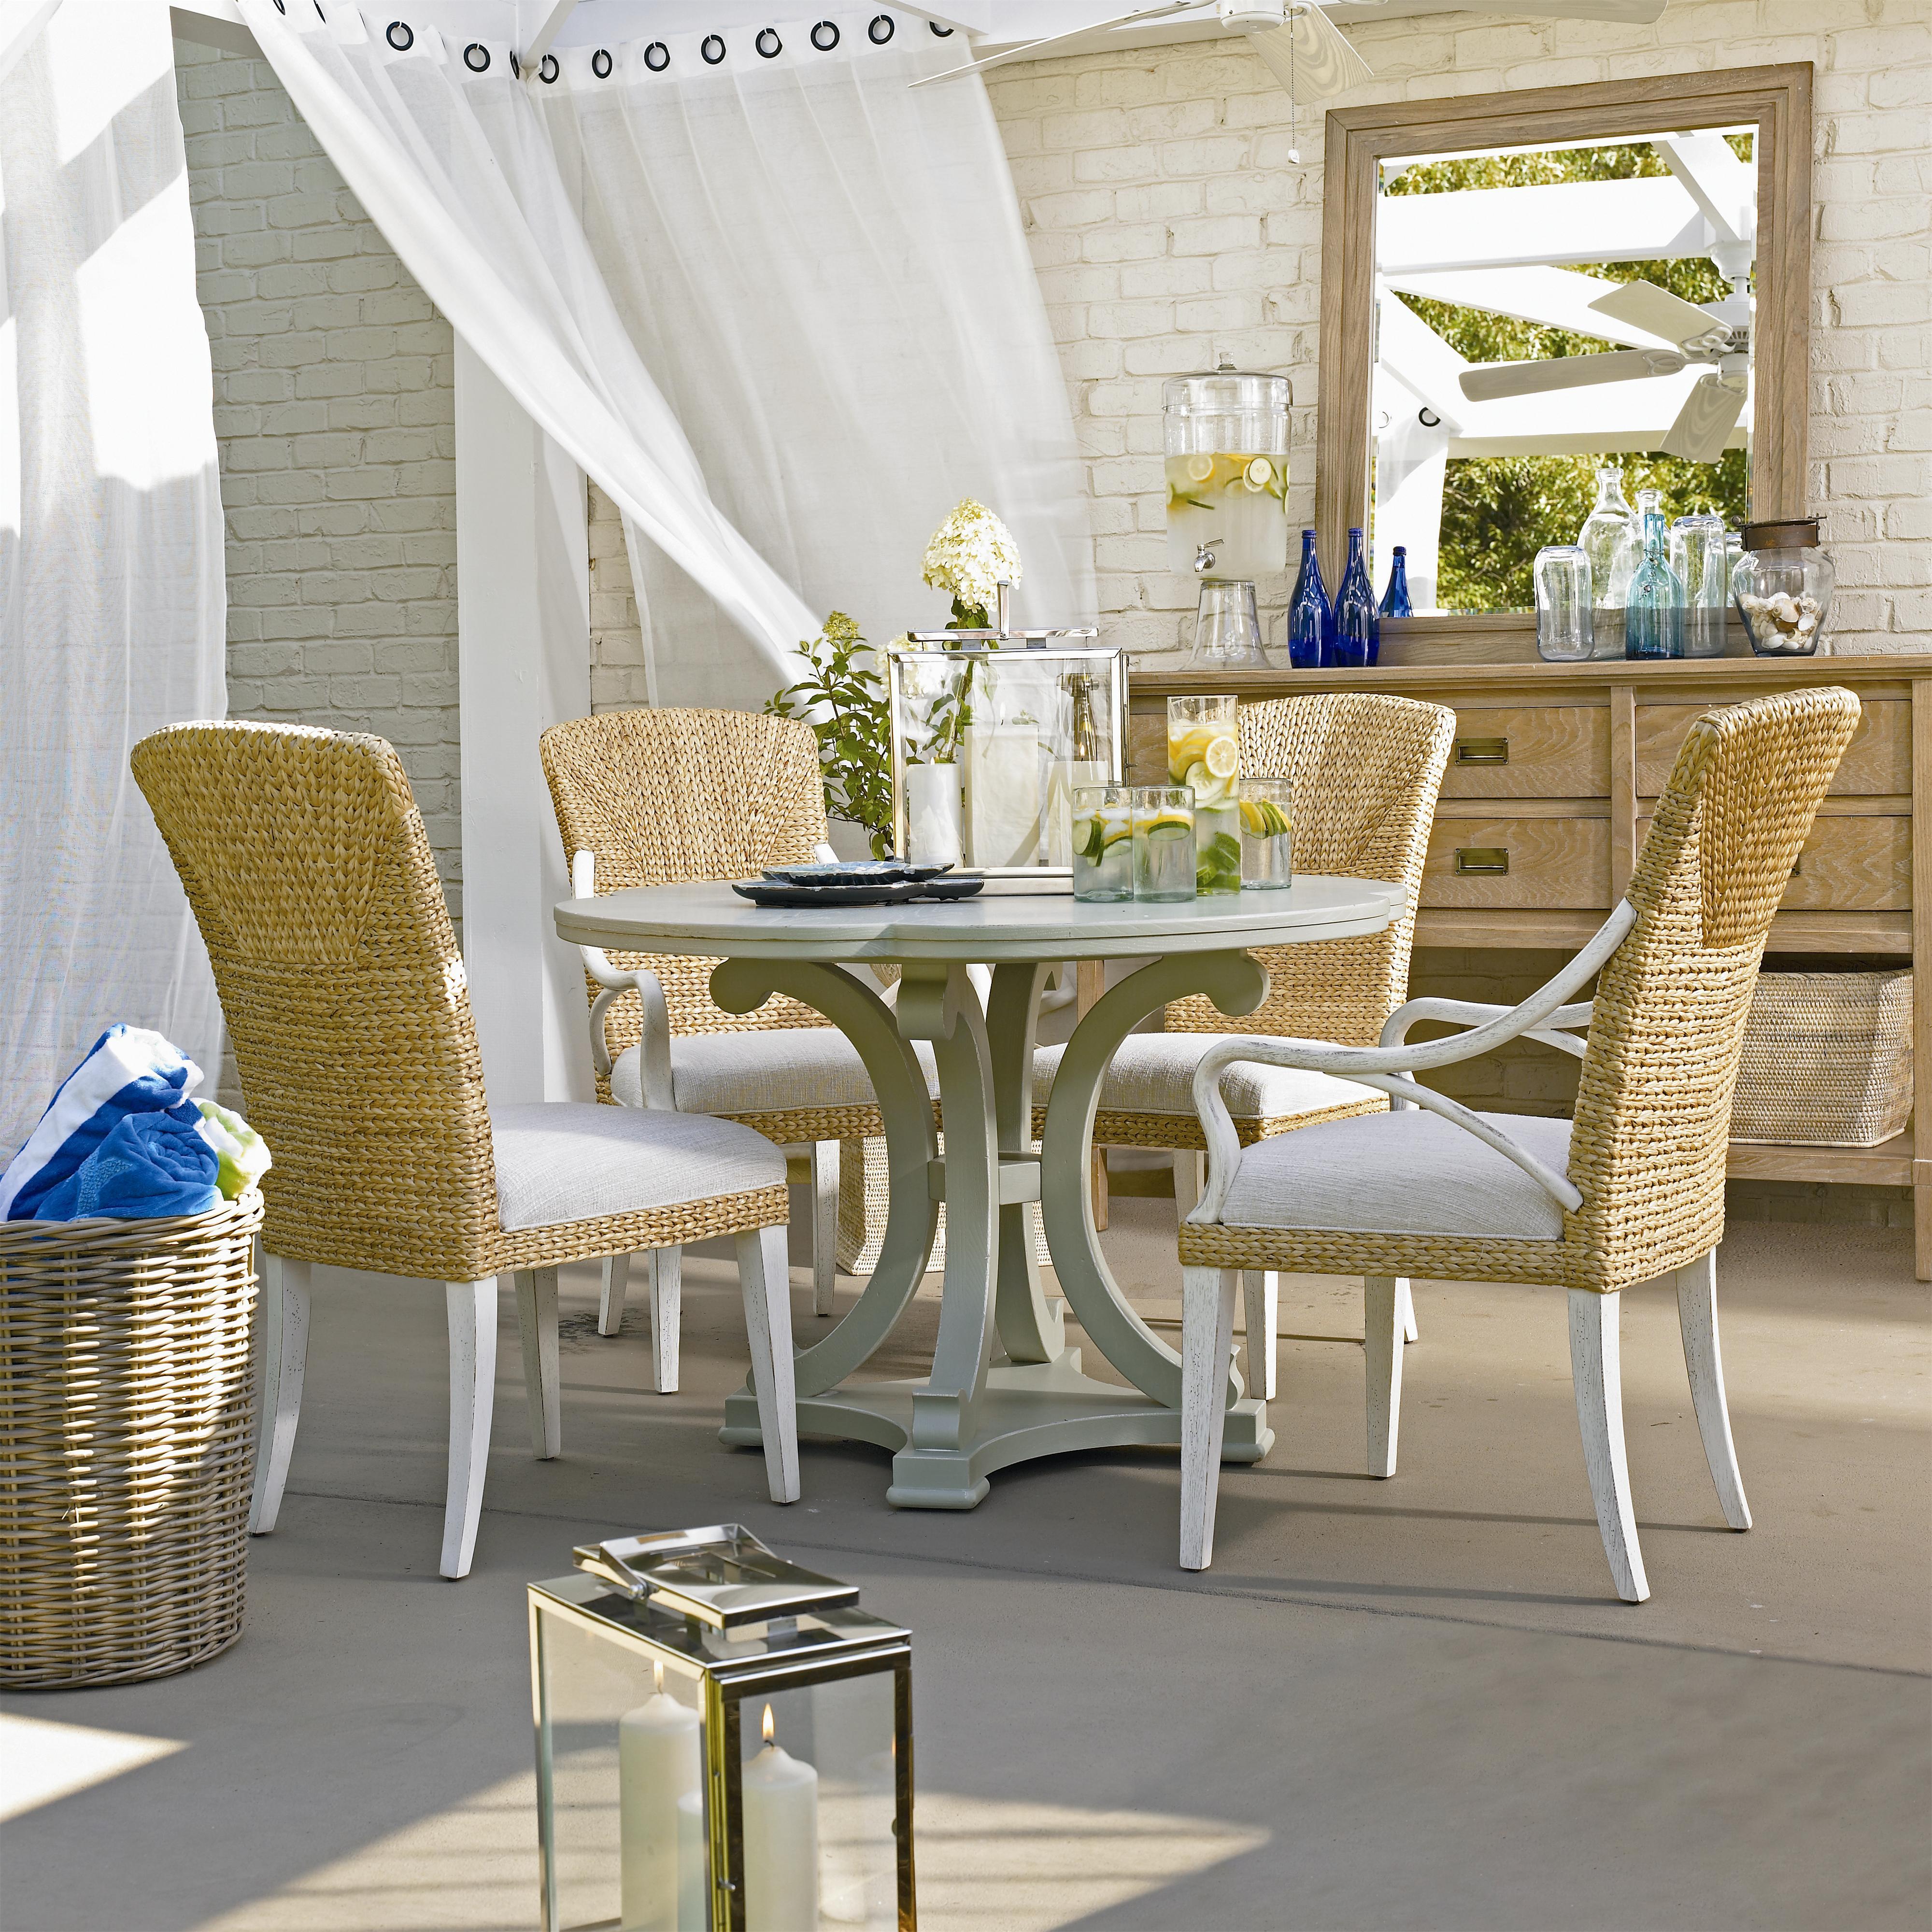 Coastal living resort 062 e by stanley furniture baer for Coastal furniture